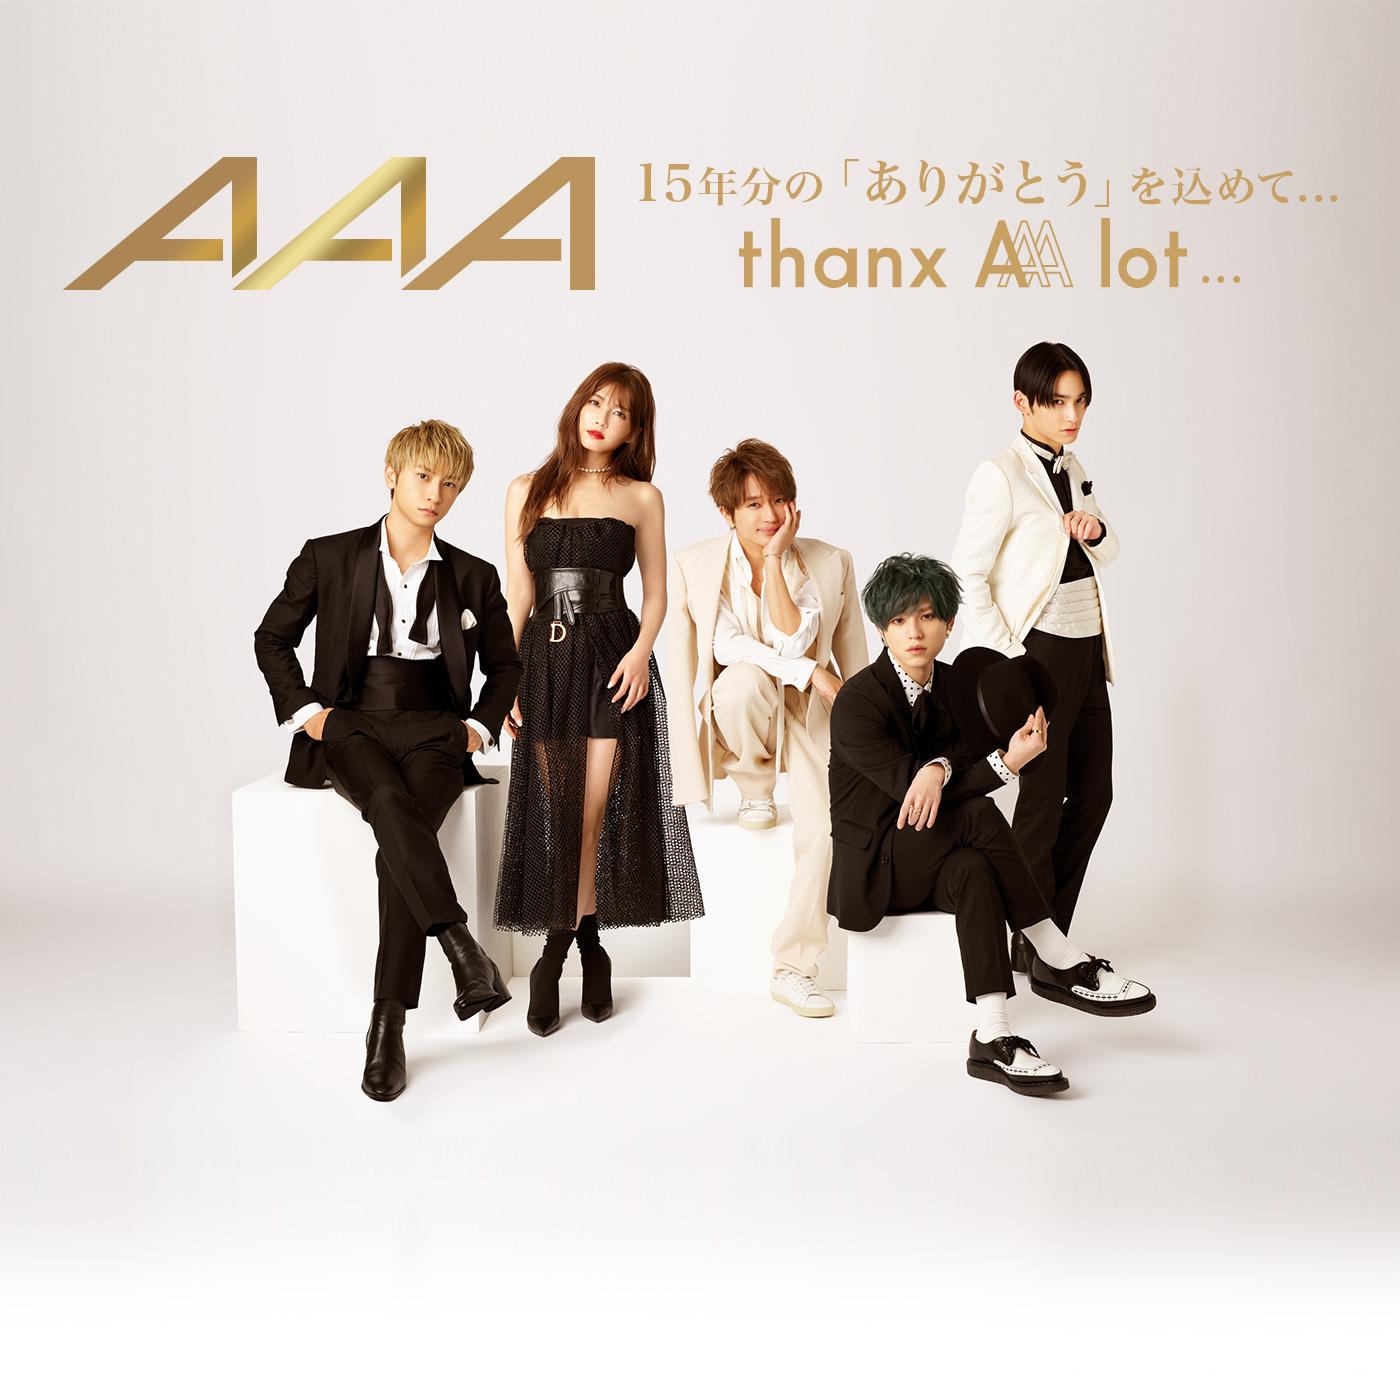 AAA 15年分の「ありがとう」を込めて...thanx AAA lot...